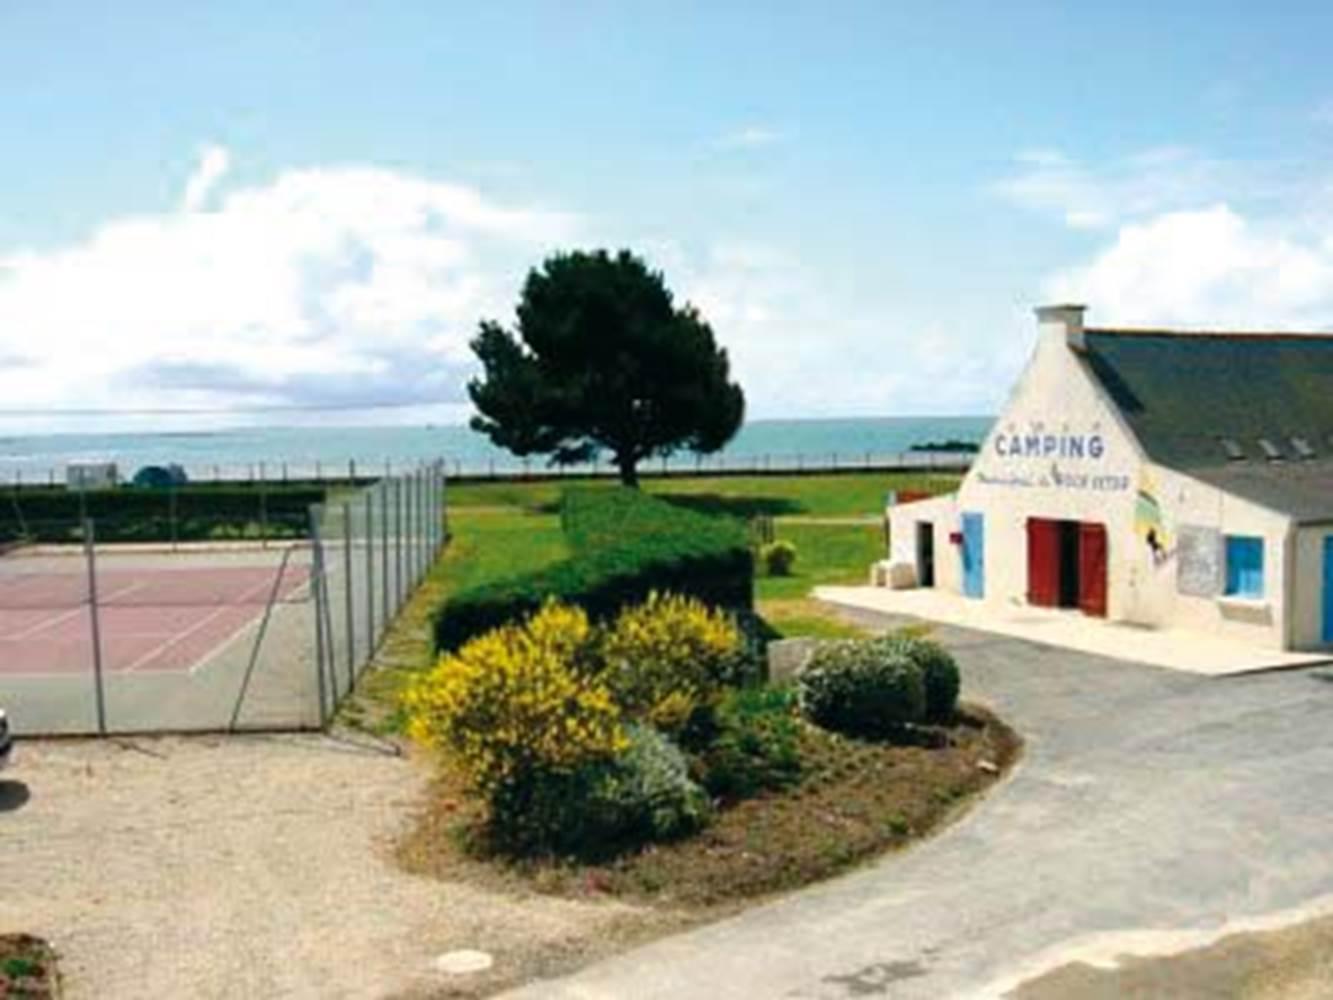 Camping-Municipal-Le-Roch-Vetur-Le-Tour-du-Parc-Presqu'île-de-Rhuys-Golfe-du-Morbihan-Bretagne sud © Mairie Le Tour du Parc